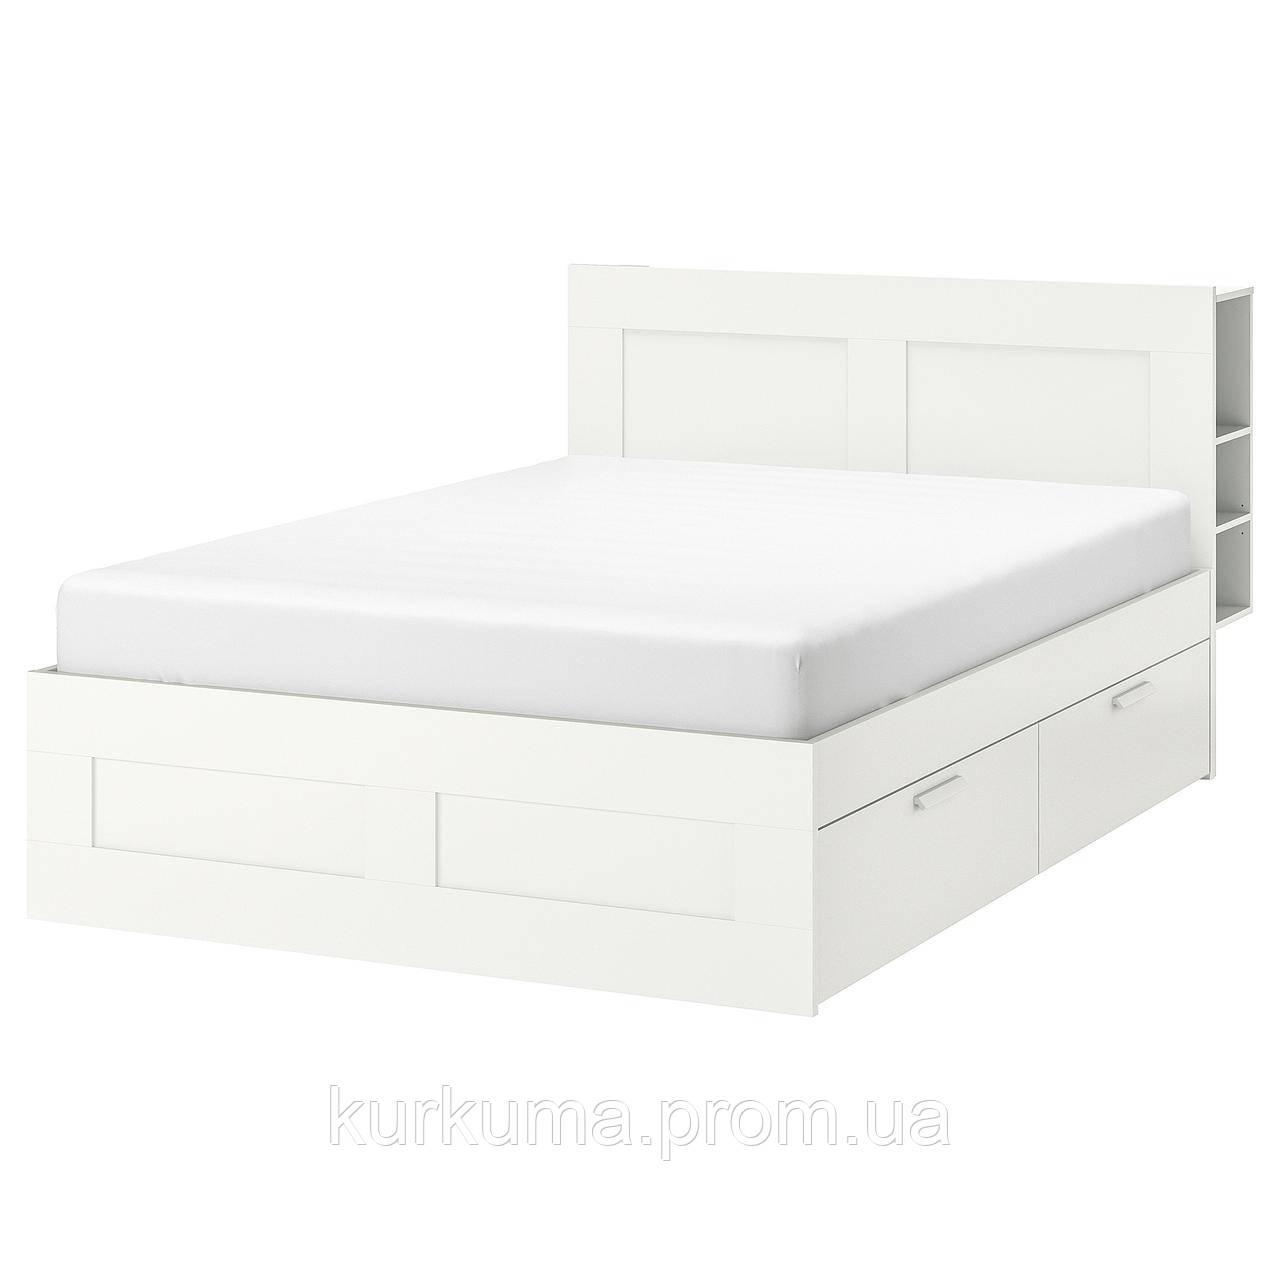 IKEA BRIMNES Кровать с ящиком для хранения и изголовьем, белый  (590.991.55)